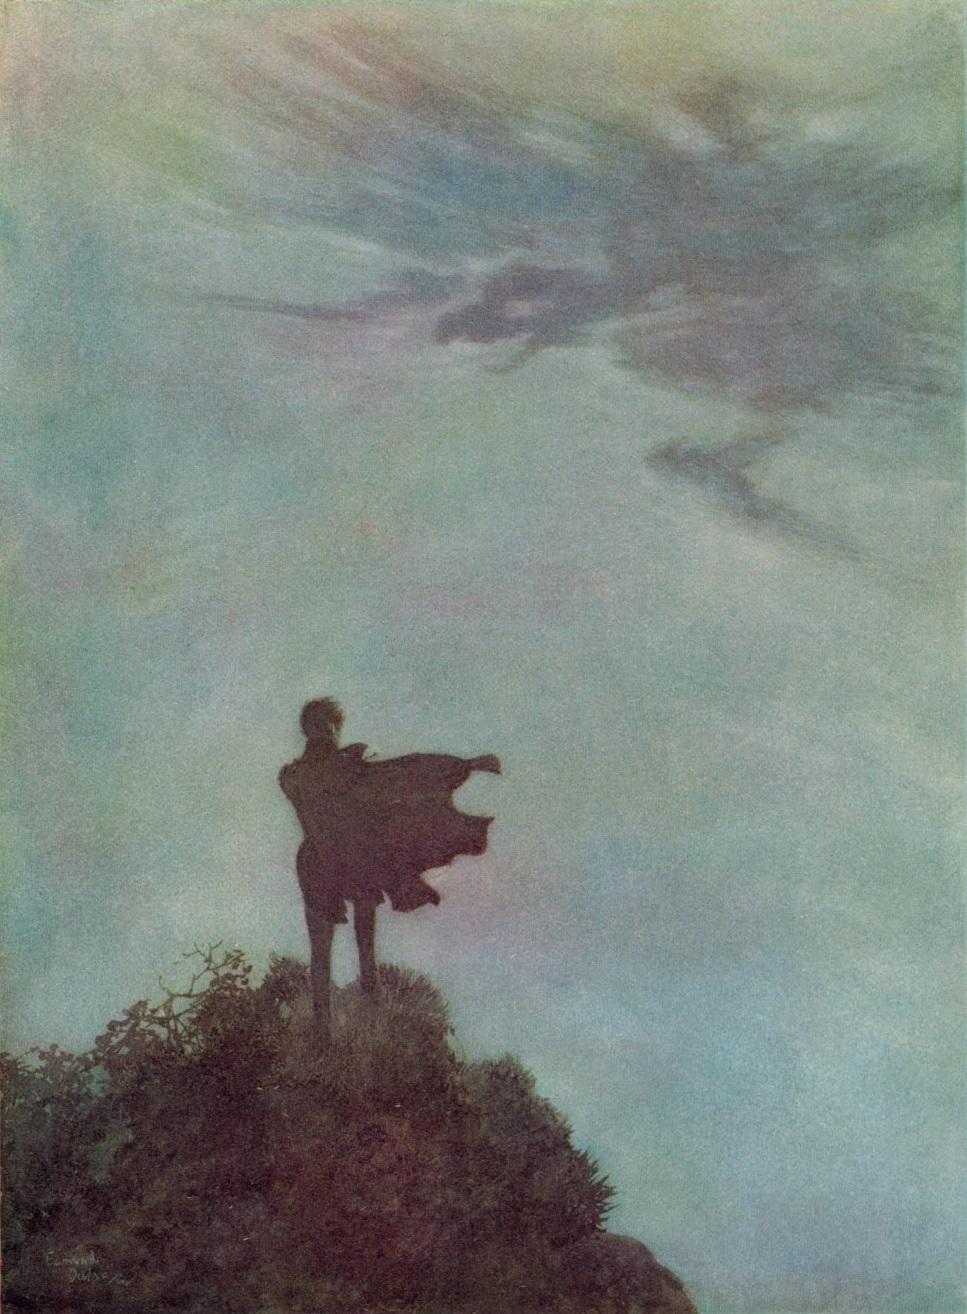 Pongan un cuadro en su vida - Página 12 Edmund11